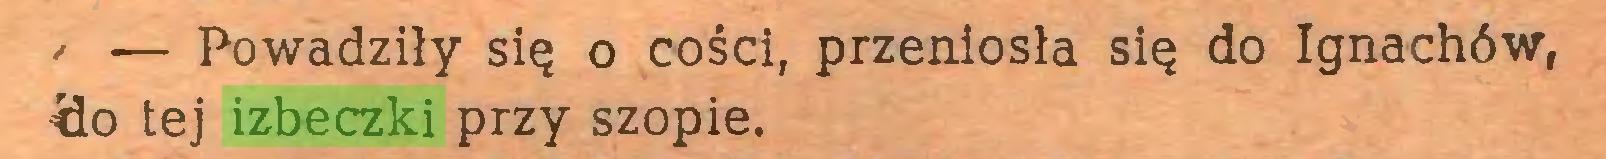 (...) / — Powadziły się o cości, przeniosła się do Ignachów, <lo tej izbeczki przy szopie...